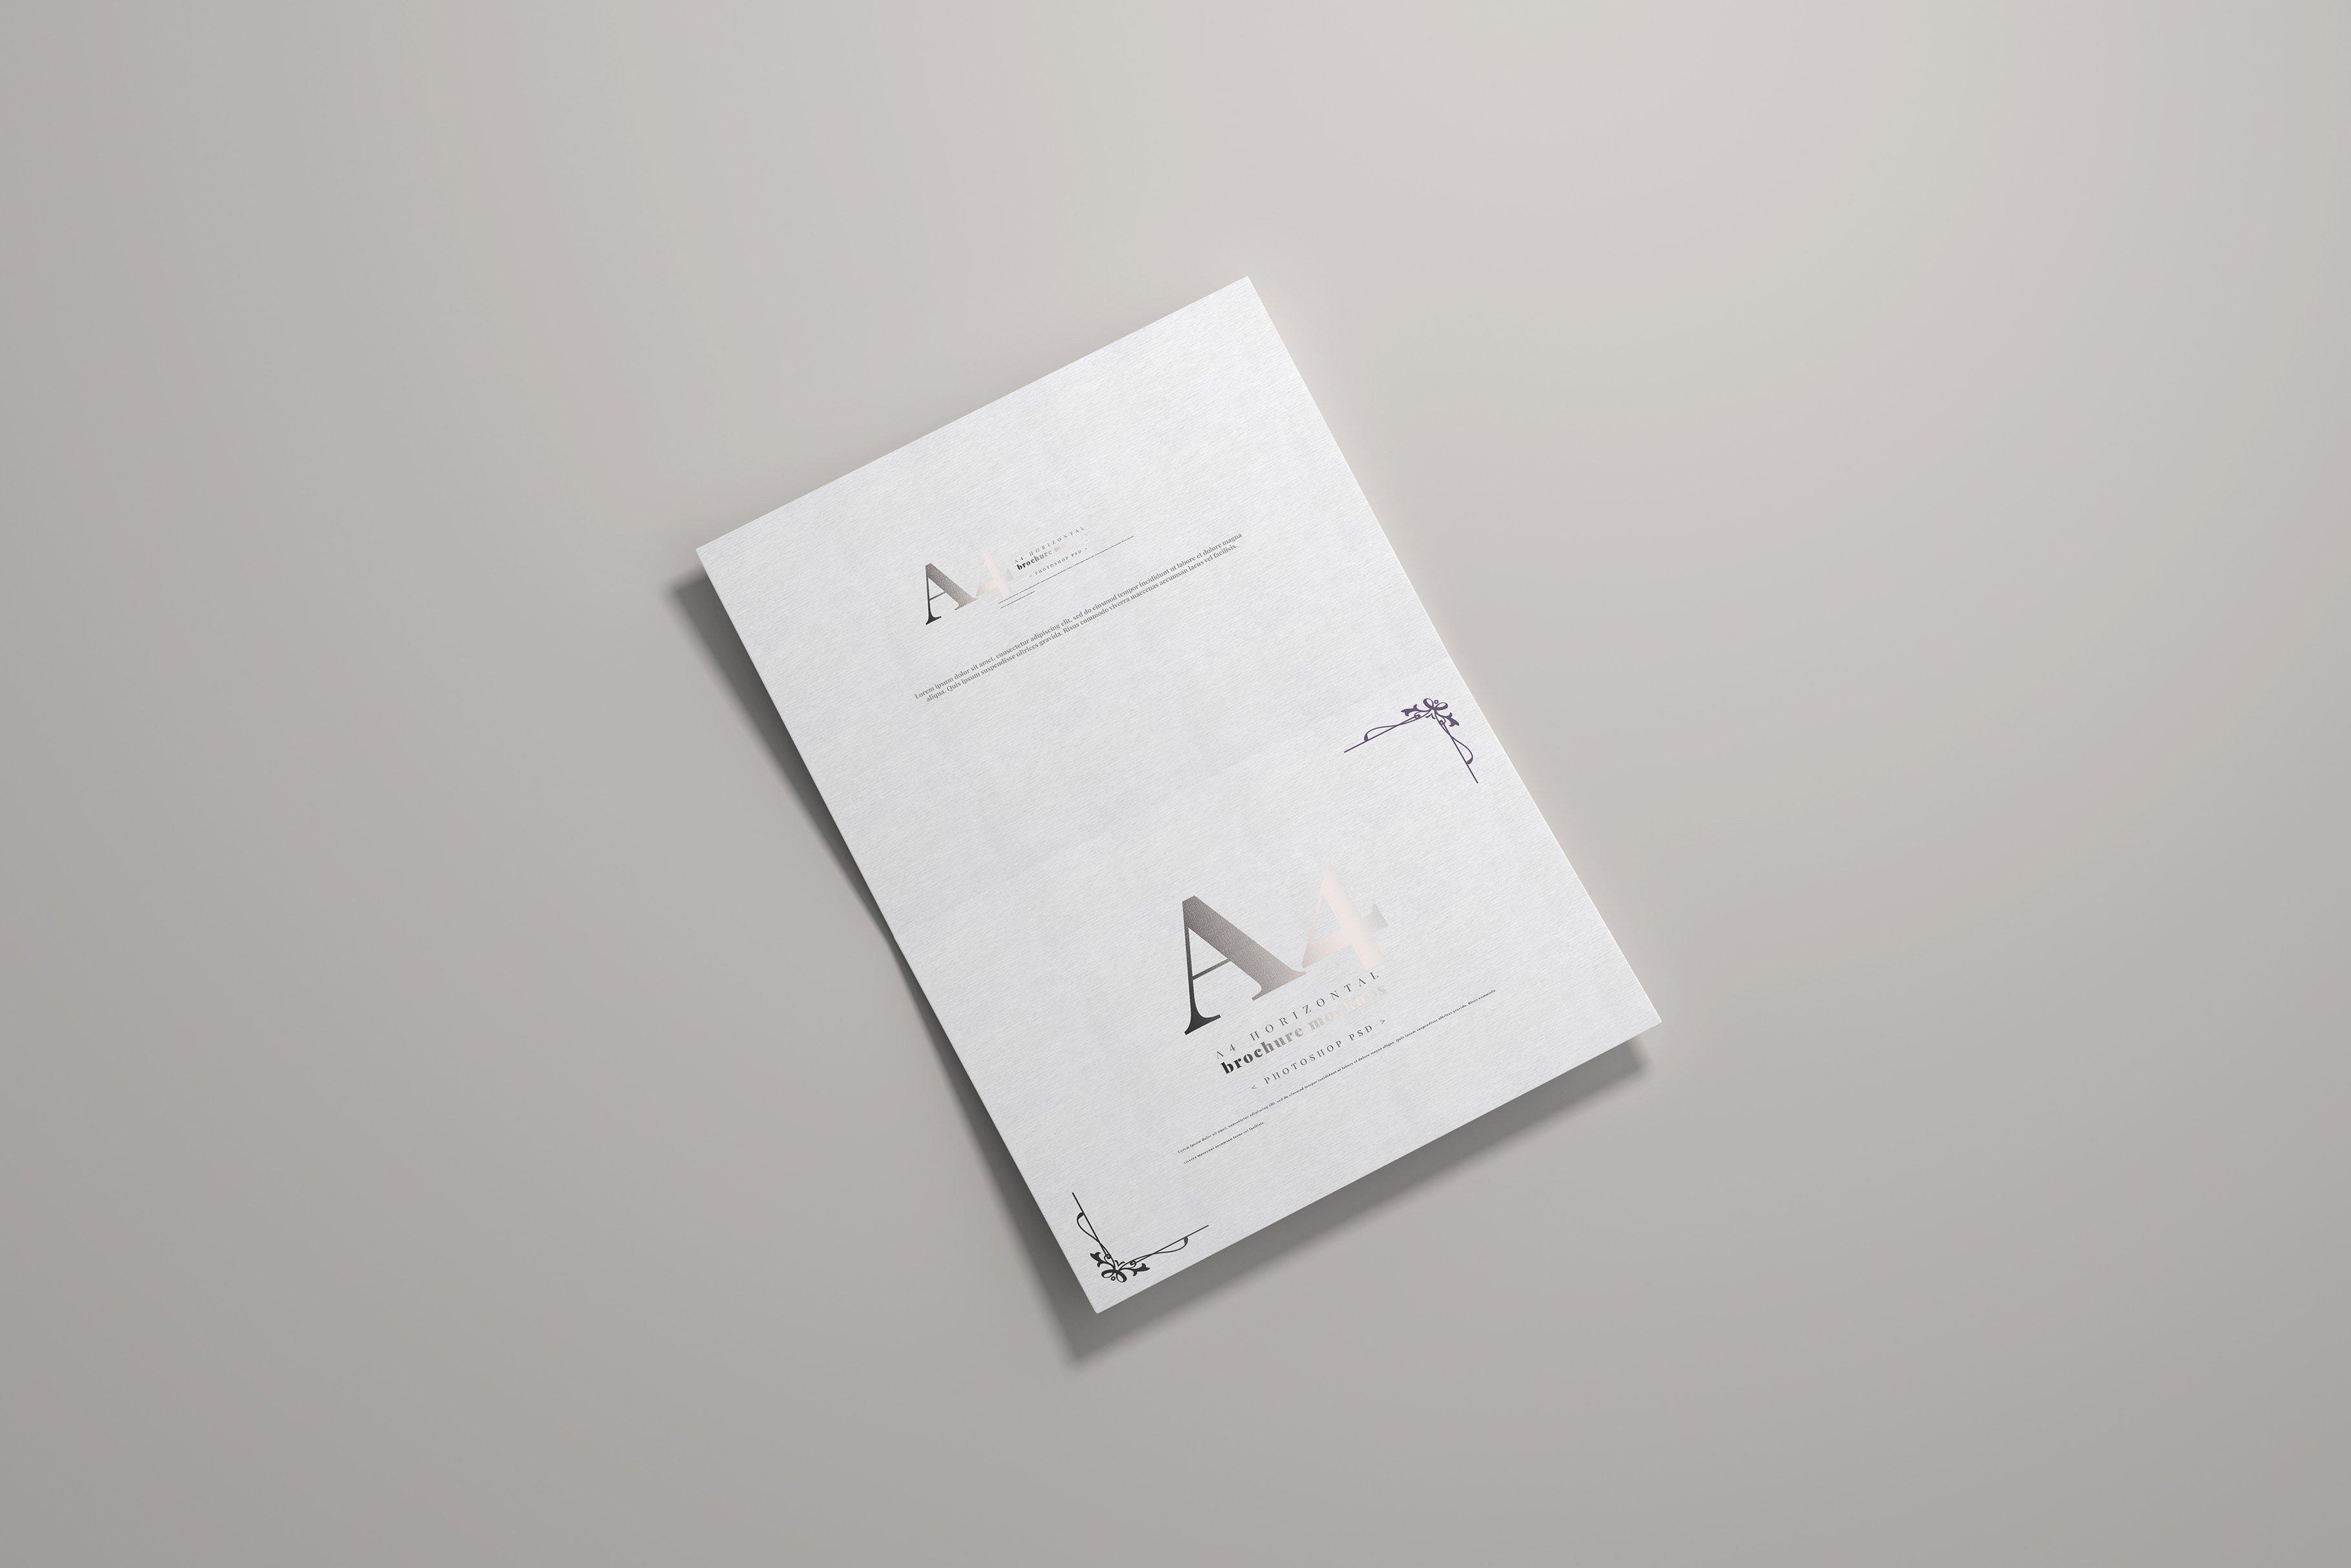 8款烫印效果A4横向两折页小册子设计展示贴图PSD样机模板 A4 Bi-Fold Horizontal Mockups插图(6)